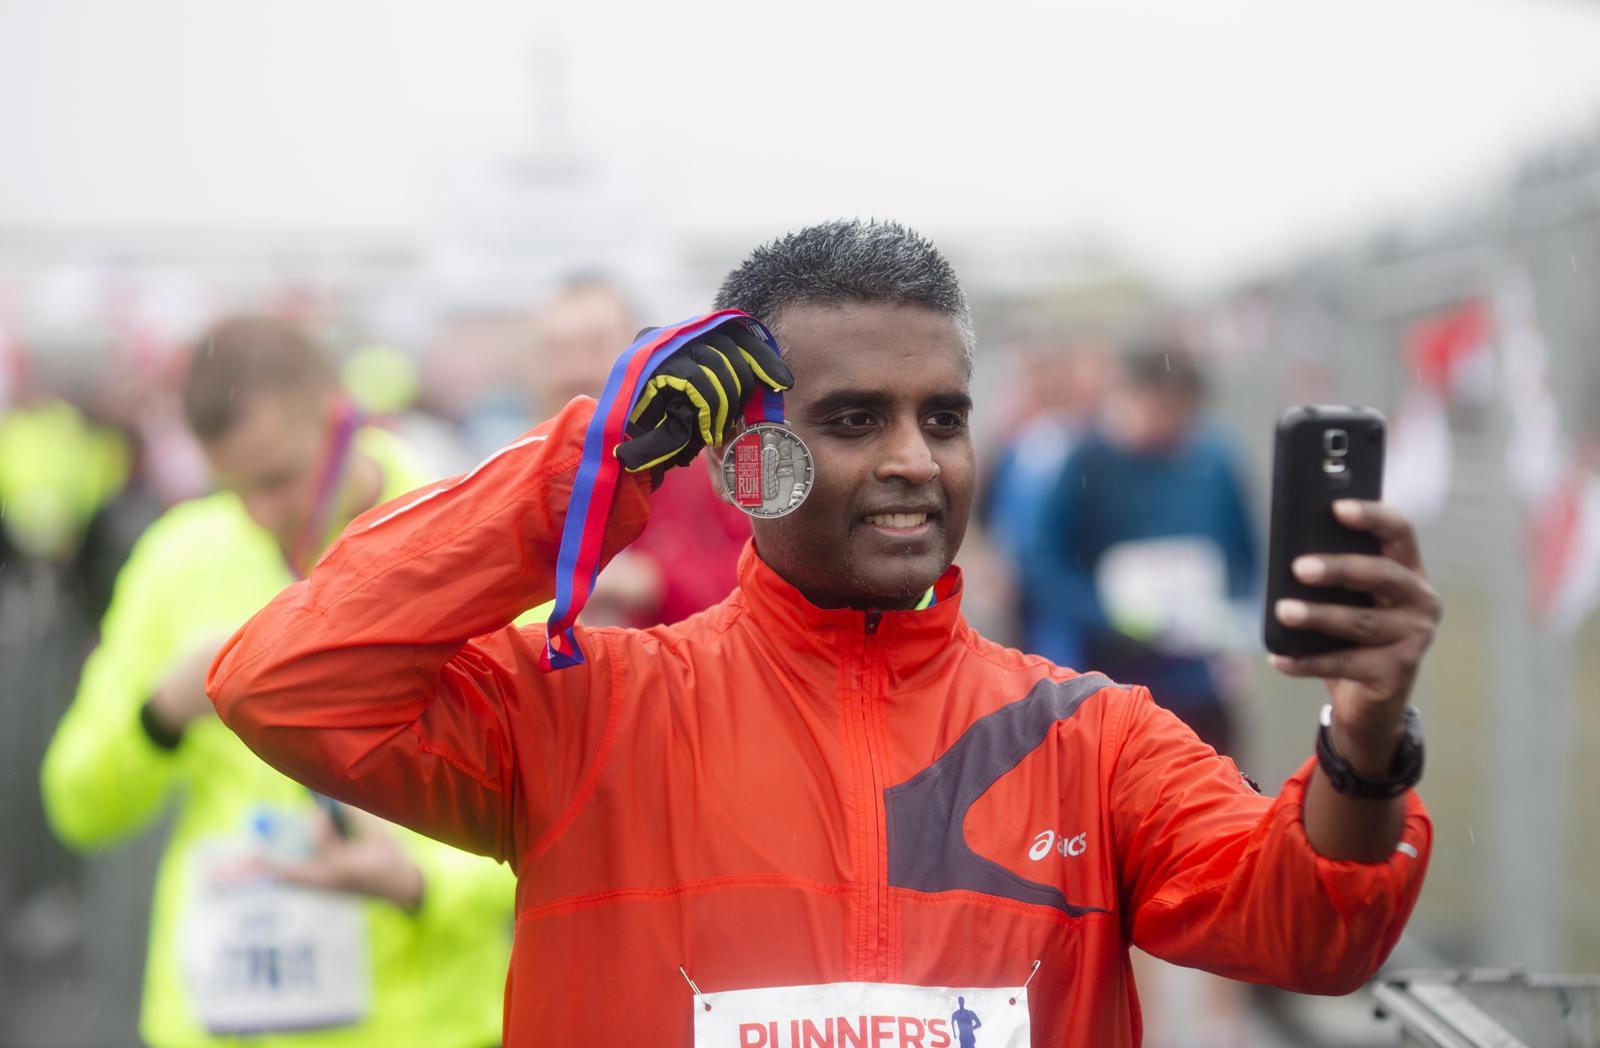 foto: © Bastiaan Heus - Zandvoort Circuit Run, man maakt selfie bij finish met medaille